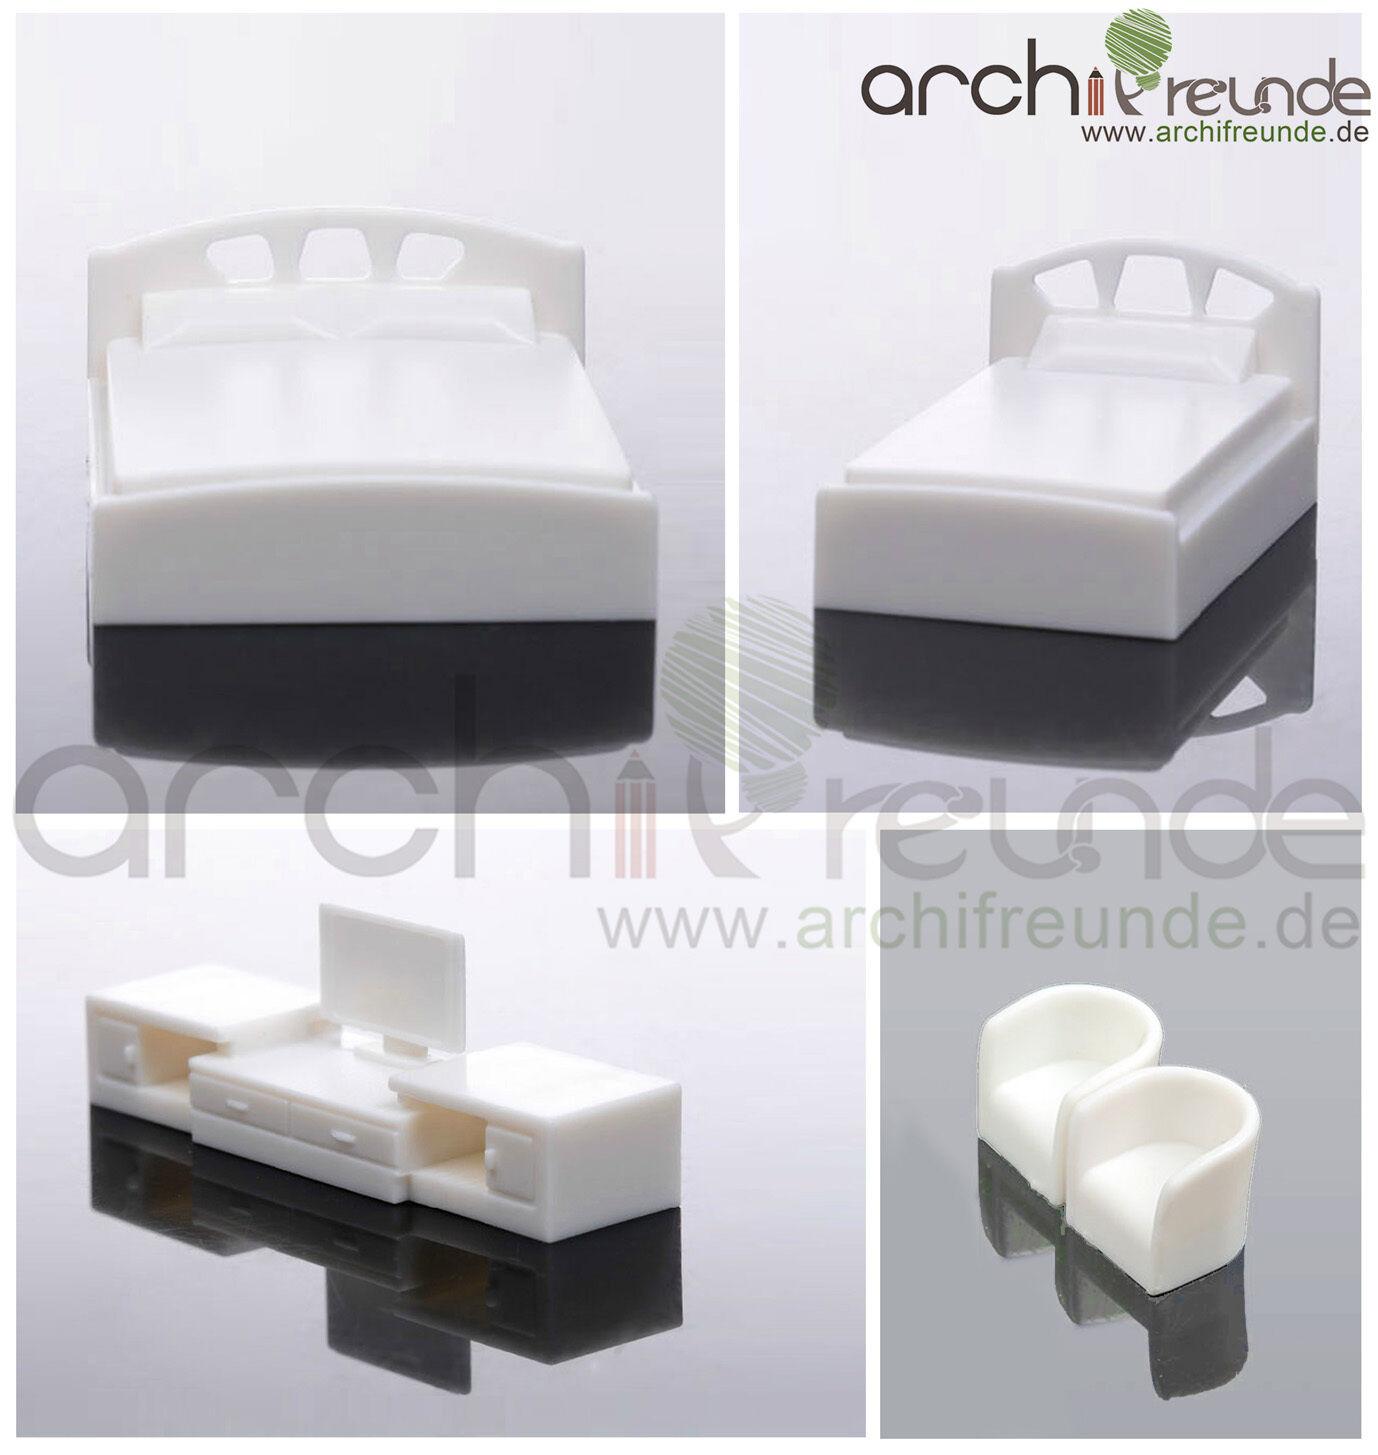 5er set modelo dormitorio muebles 1 50, cama doble + + + cama individual TV + + 2 sillón 69a5b0